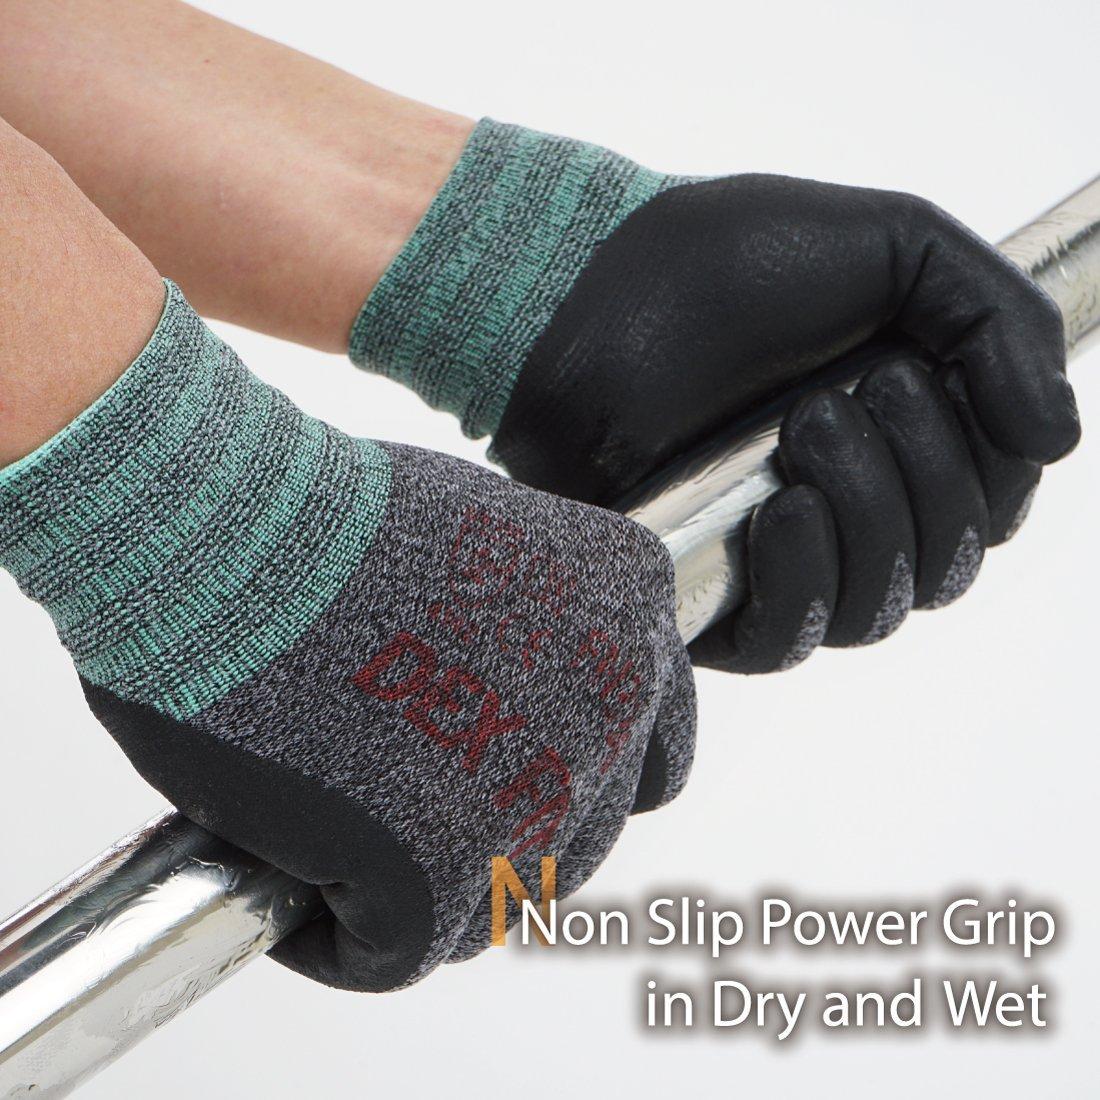 agarre de poder de la comodidad 3D lavable a m/áquina ajuste el/ástico fino de Nylon Spandex DEX FIT FN330 Guantes de trabajo Grande, 3PR negro fn320 Espuma de nitrilo duradero Smart Touch